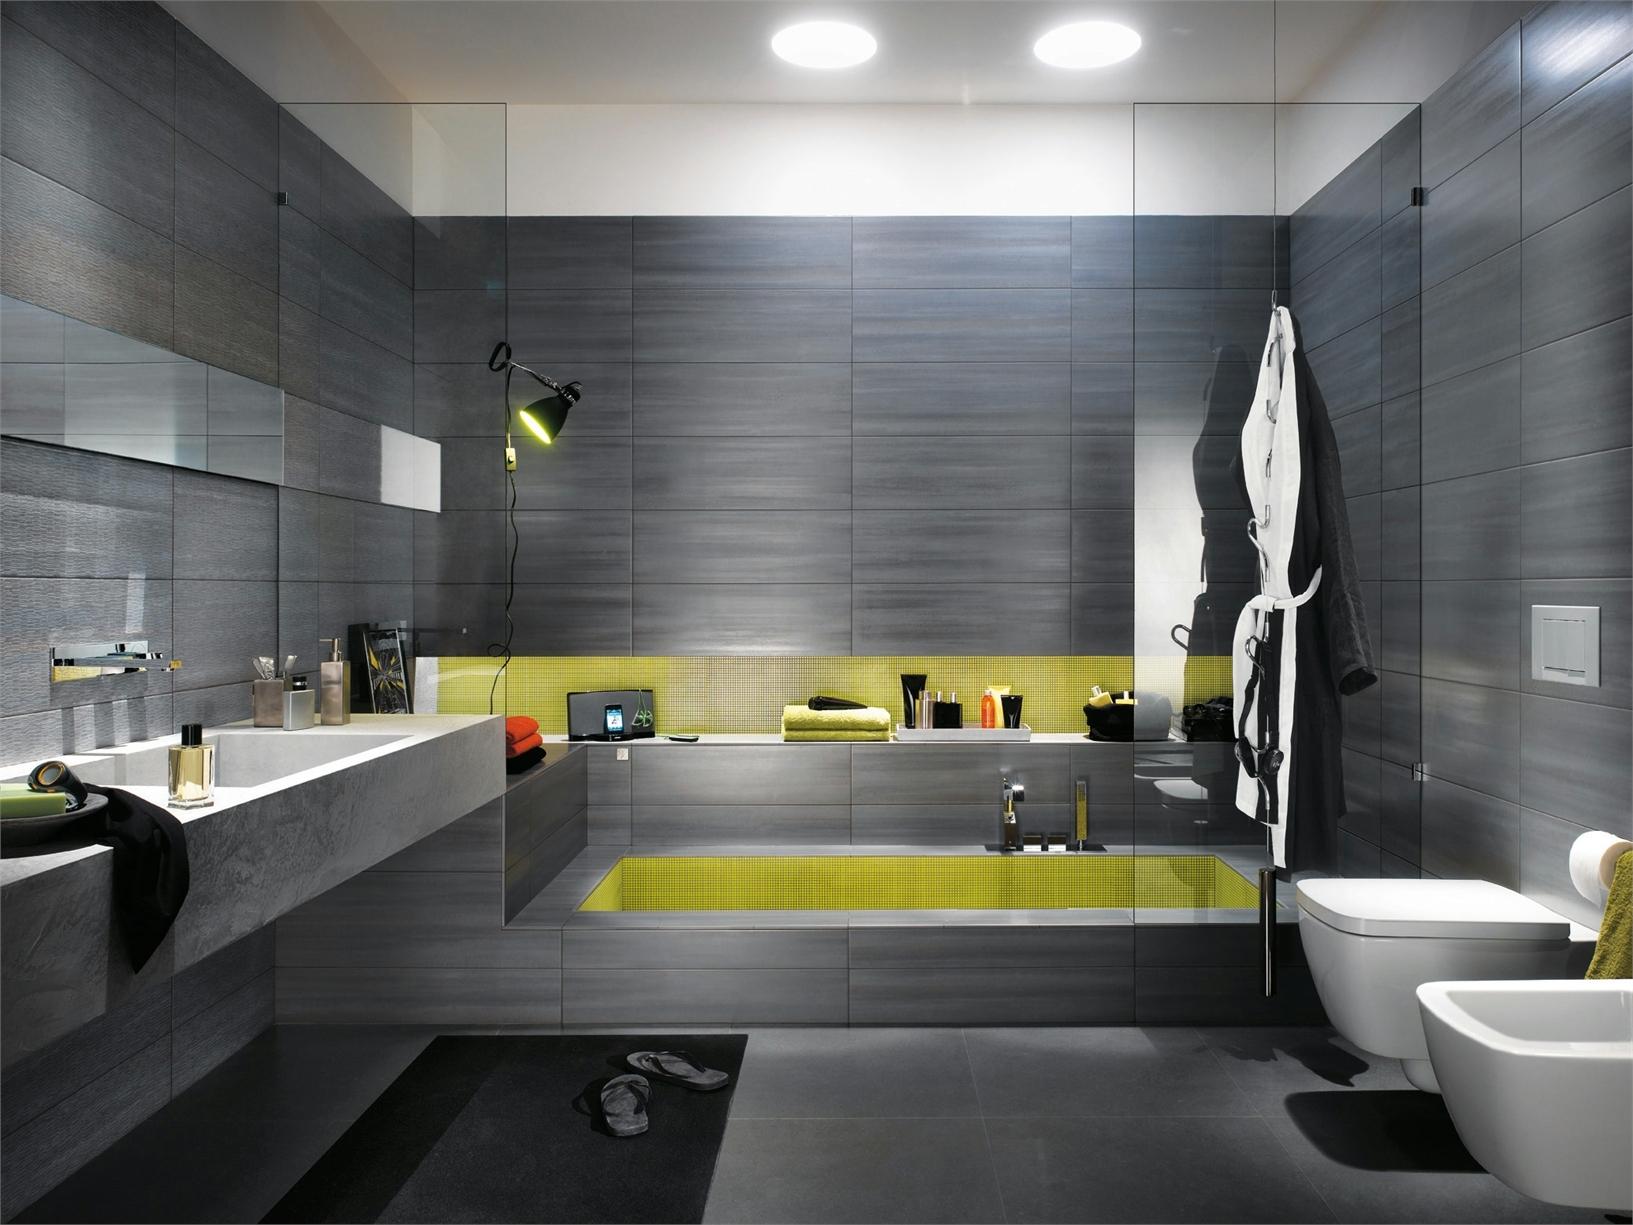 baño moderno con amarillo